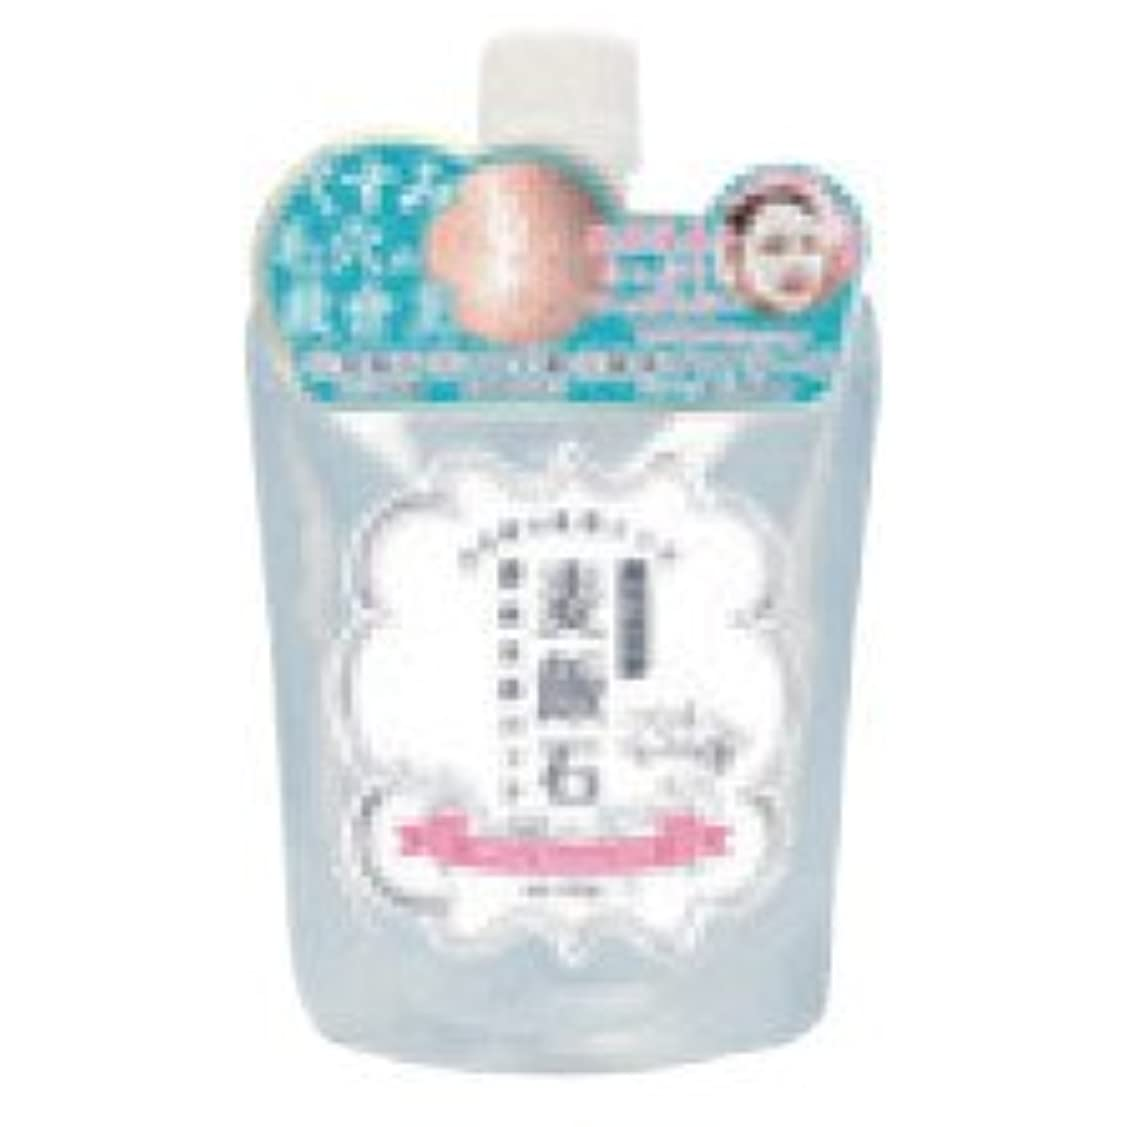 ホワイトムースパック 美濃白川麦飯石酵素洗顔パック 100g 2個セット